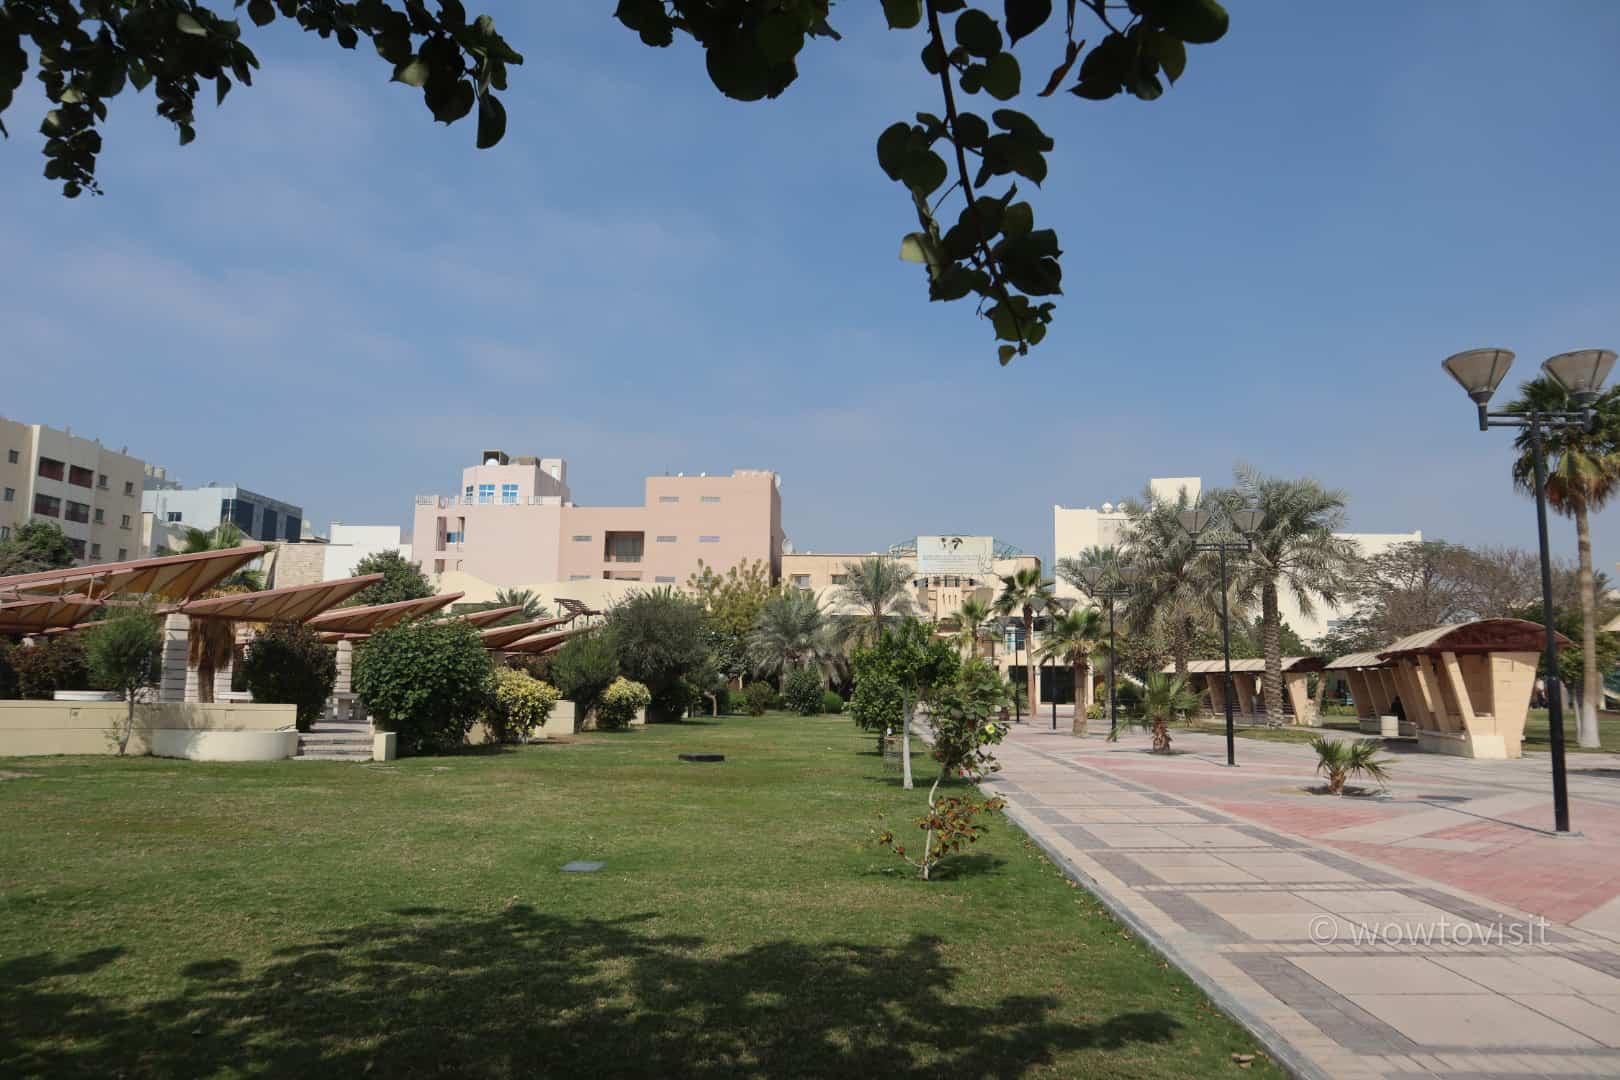 andalusgarden bahrain